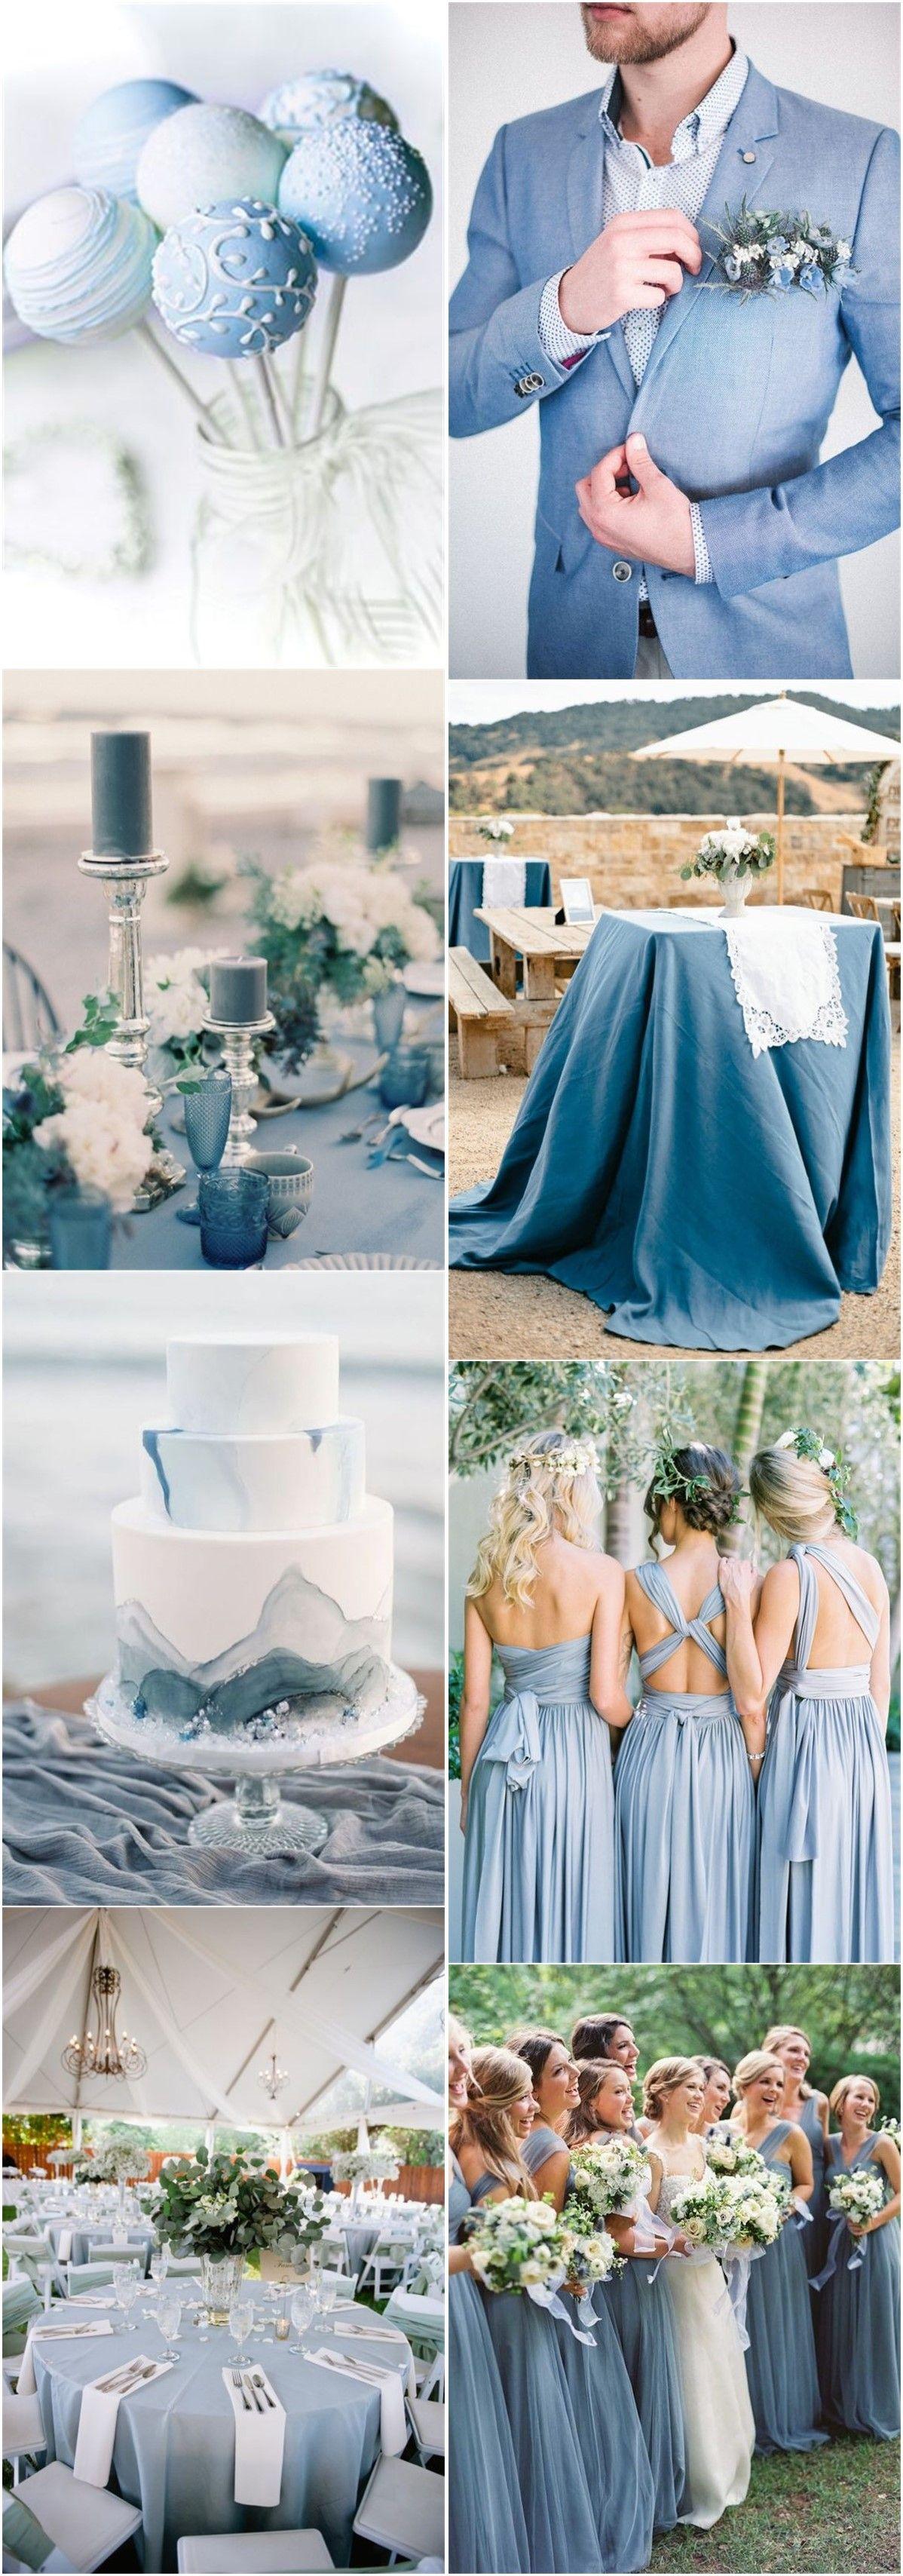 2017 Wedding Inspiration Dusty Blue Wedding Color Ideas